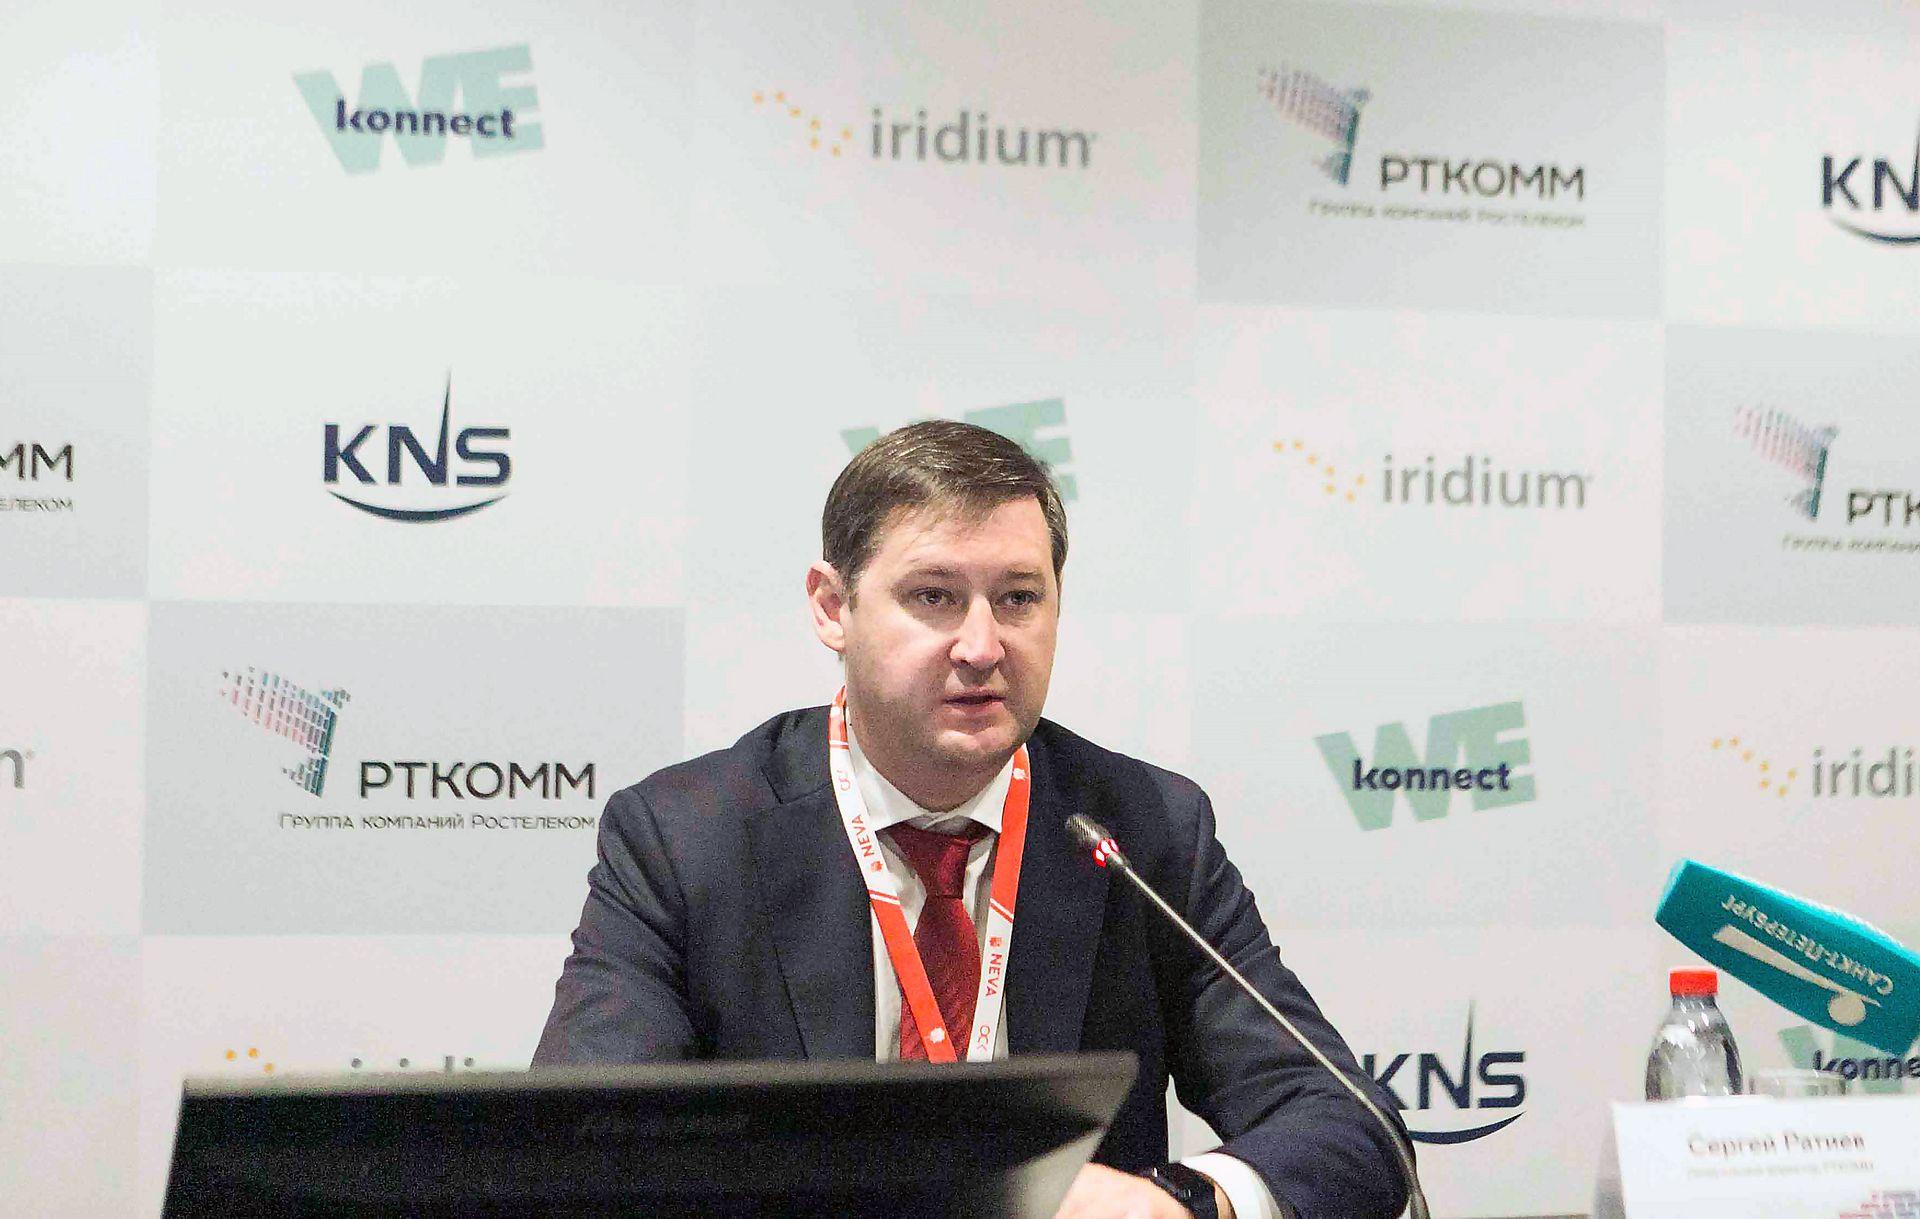 Генеральный директор АО «РТКомм.РУ» Сергей Ратиев